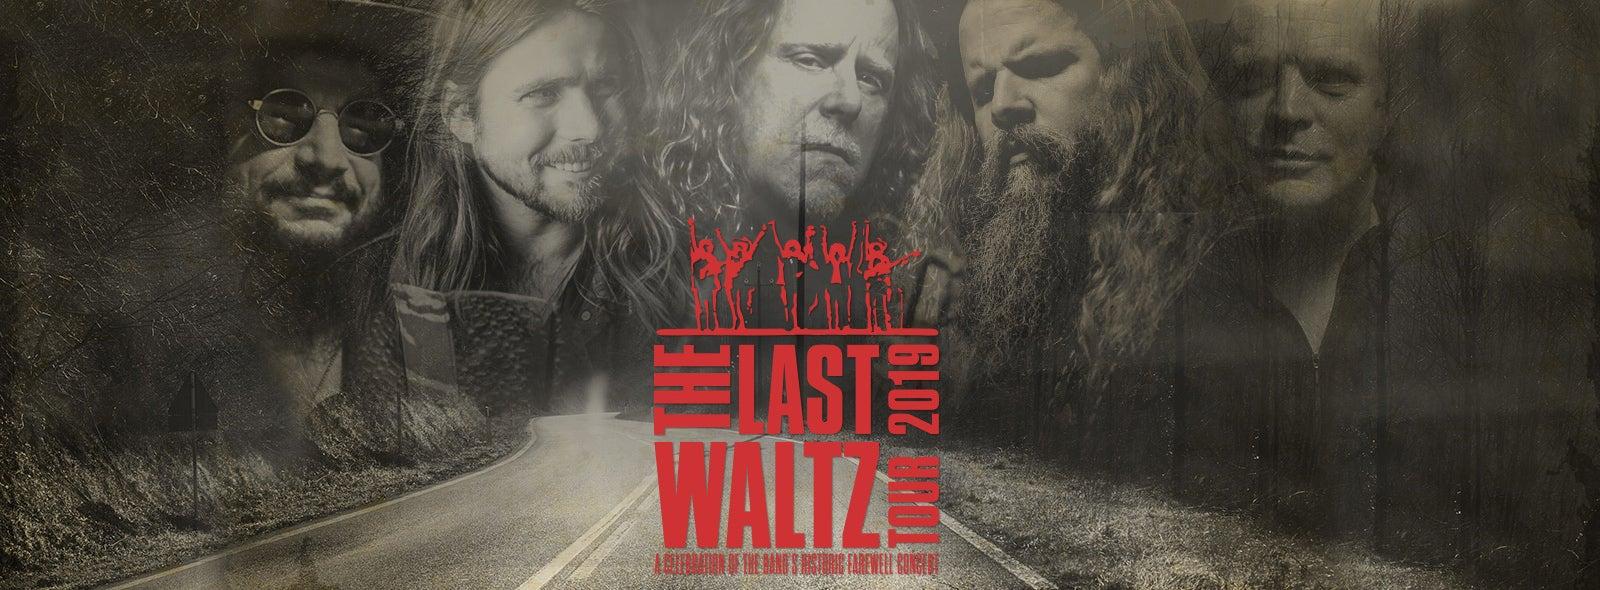 The Last Waltz Tour 2019